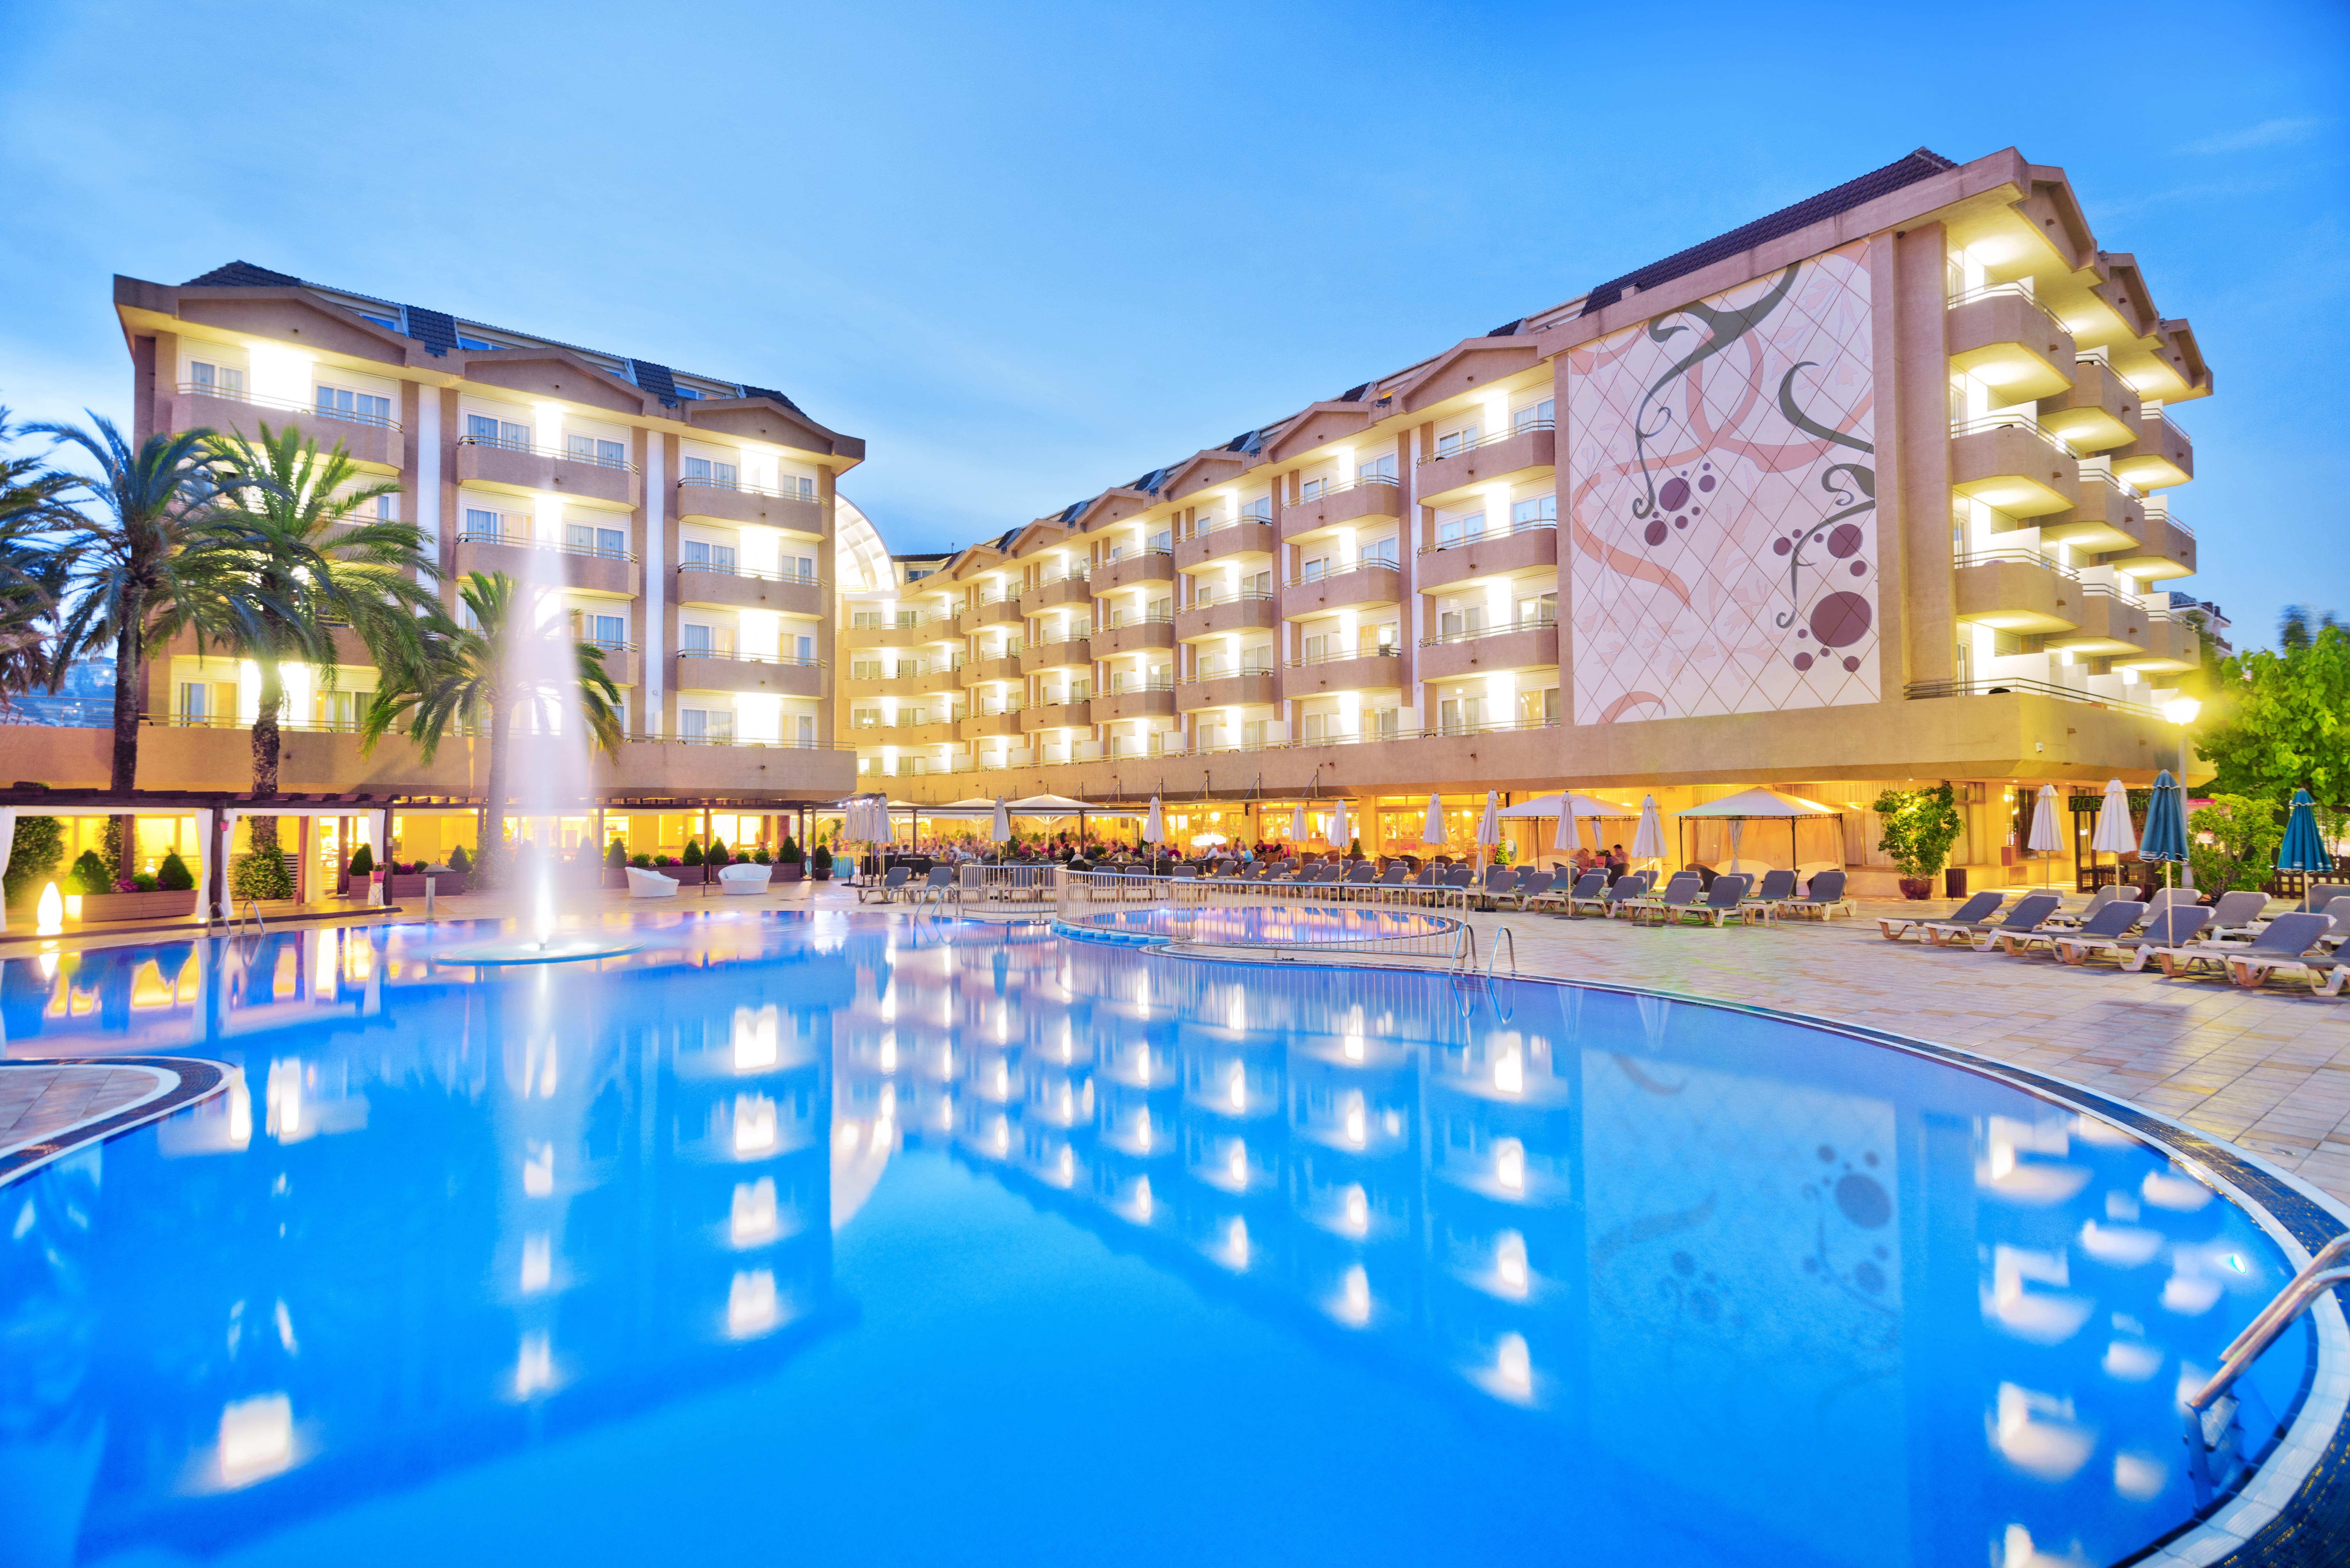 GFH Hotel Florida Park